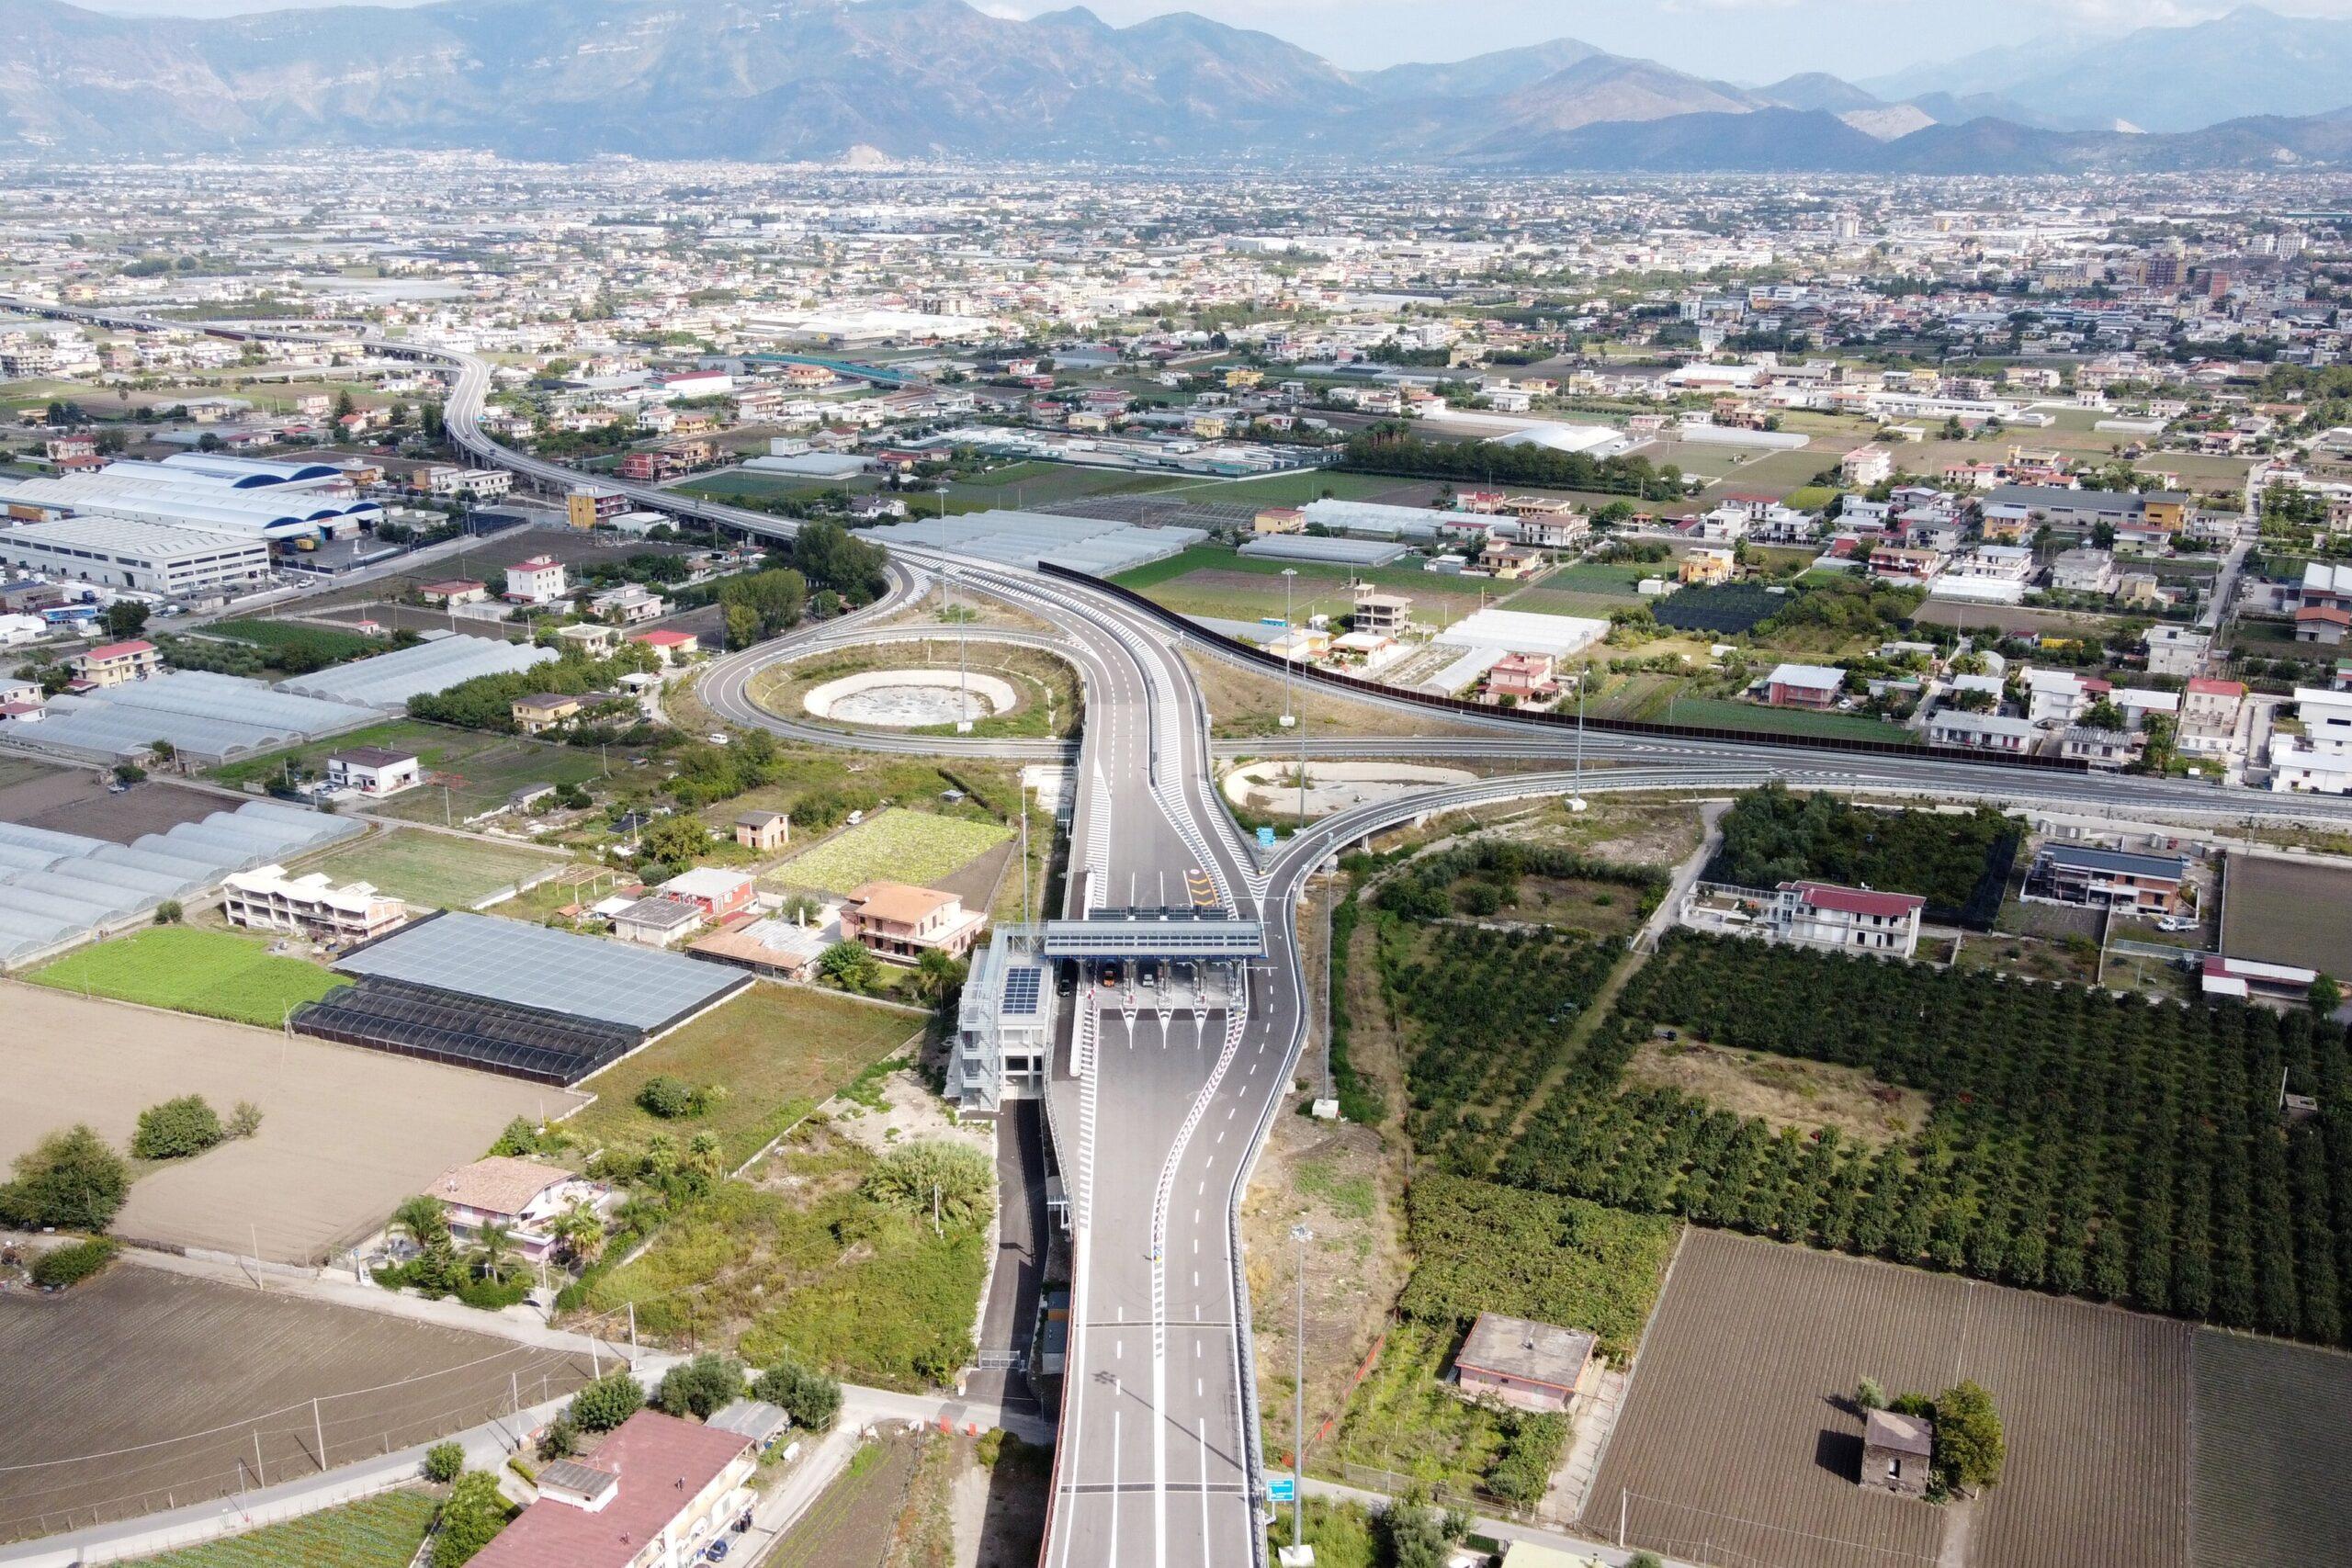 Autostrada A3: aperto il nuovo svincolo di Angri